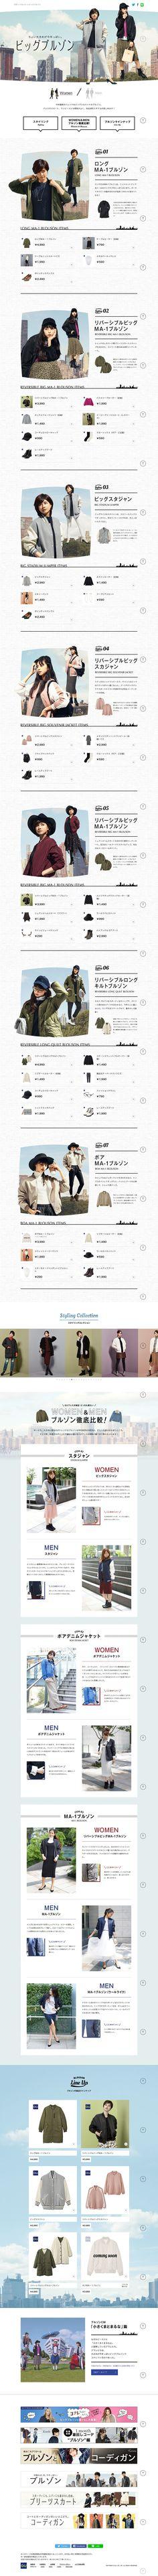 ちょい大きめが今年っぽい。ビッグブルゾン【ファッション関連】のLPデザイン。WEBデザイナーさん必見!ランディングページのデザイン参考に(シンプル系)